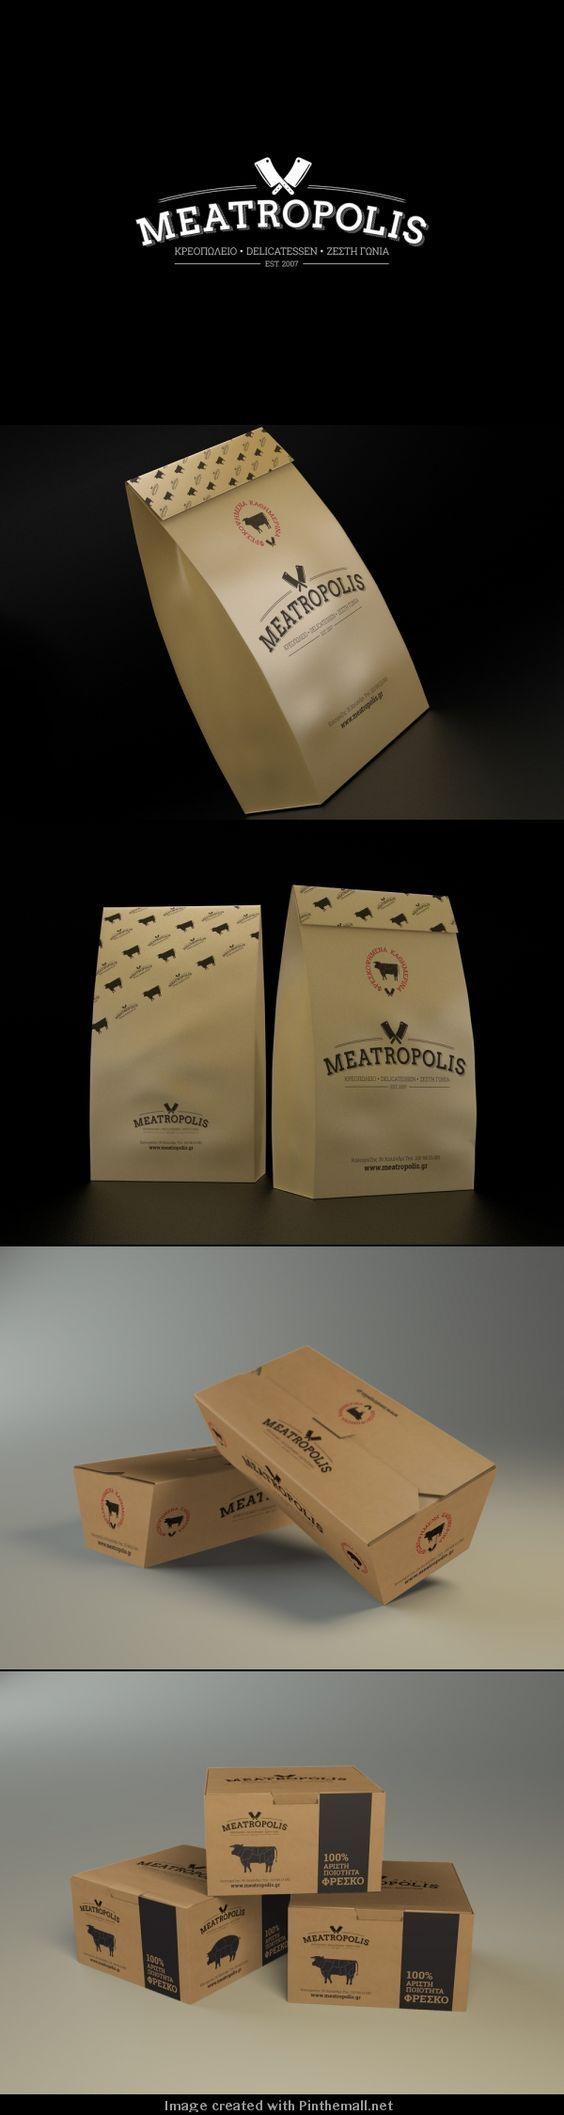 Meatropolis: Butcher Shop & Grill House:                                                                                                                                                                                 More